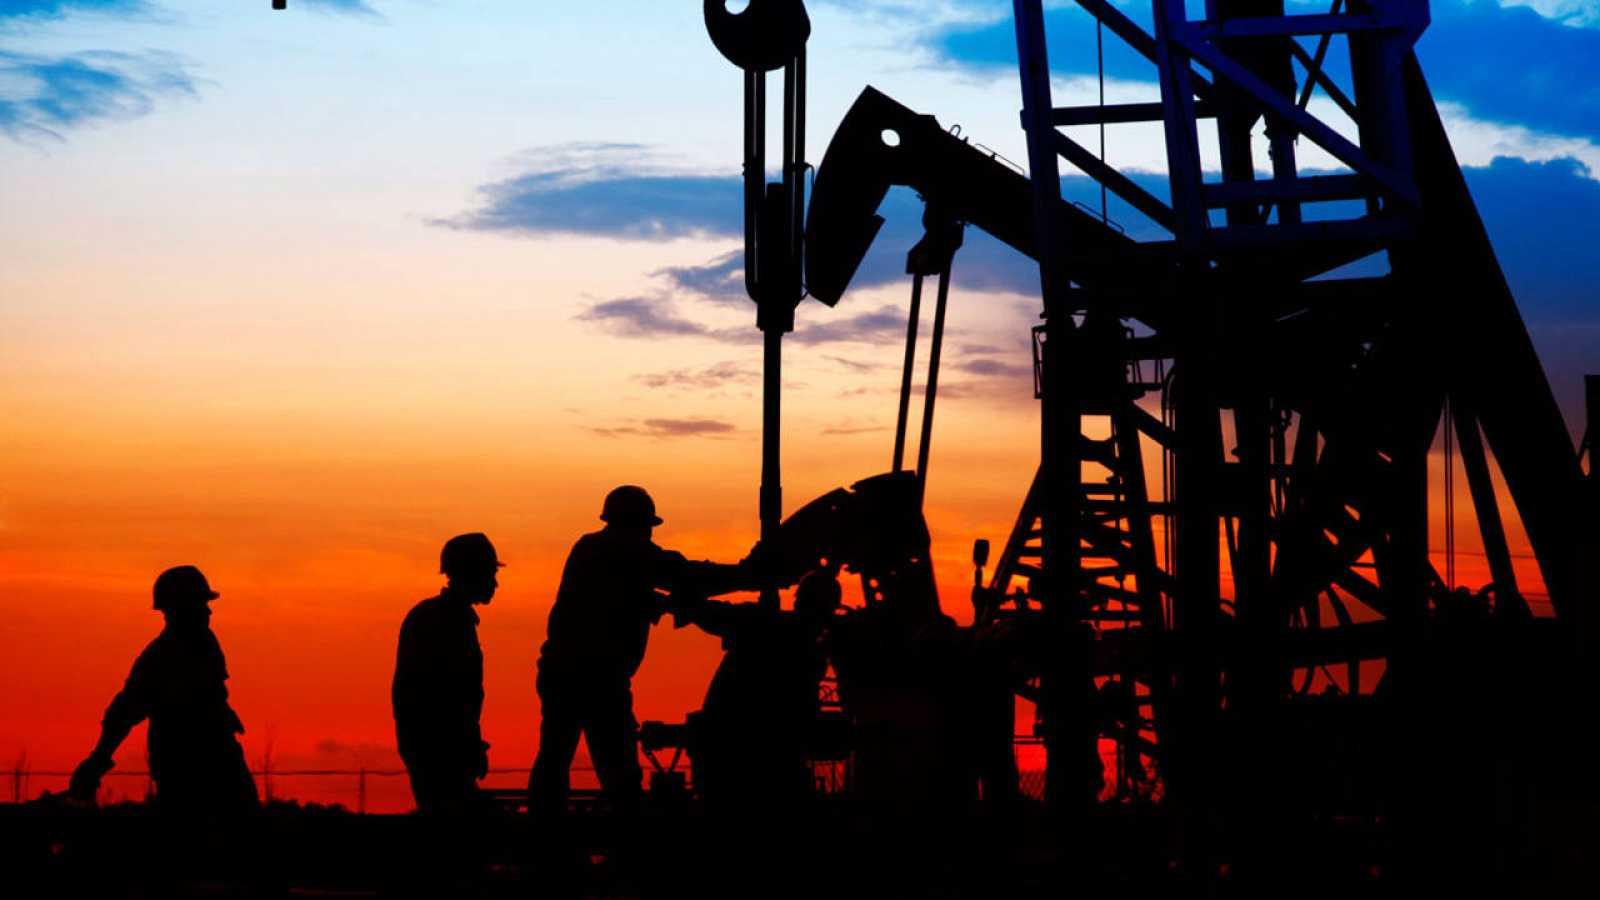 Trabajadores en un campo de petróleo